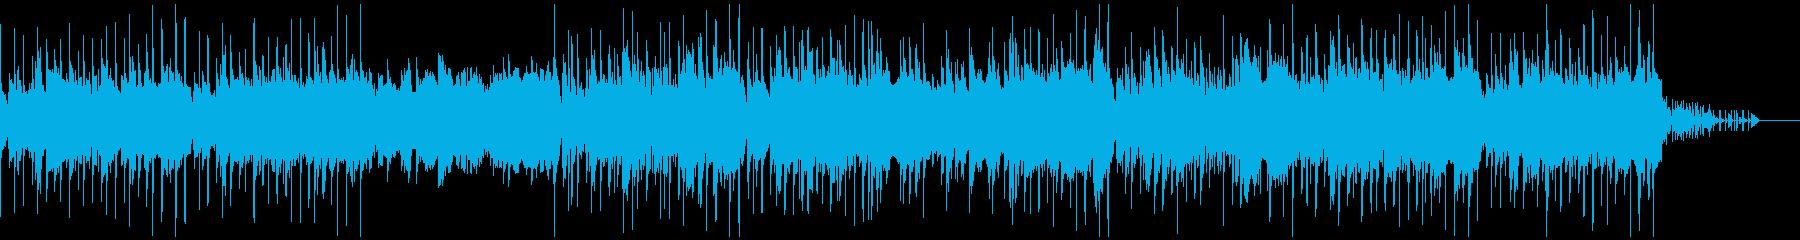 シンセを使ったスペイシーなエレクトロニカの再生済みの波形